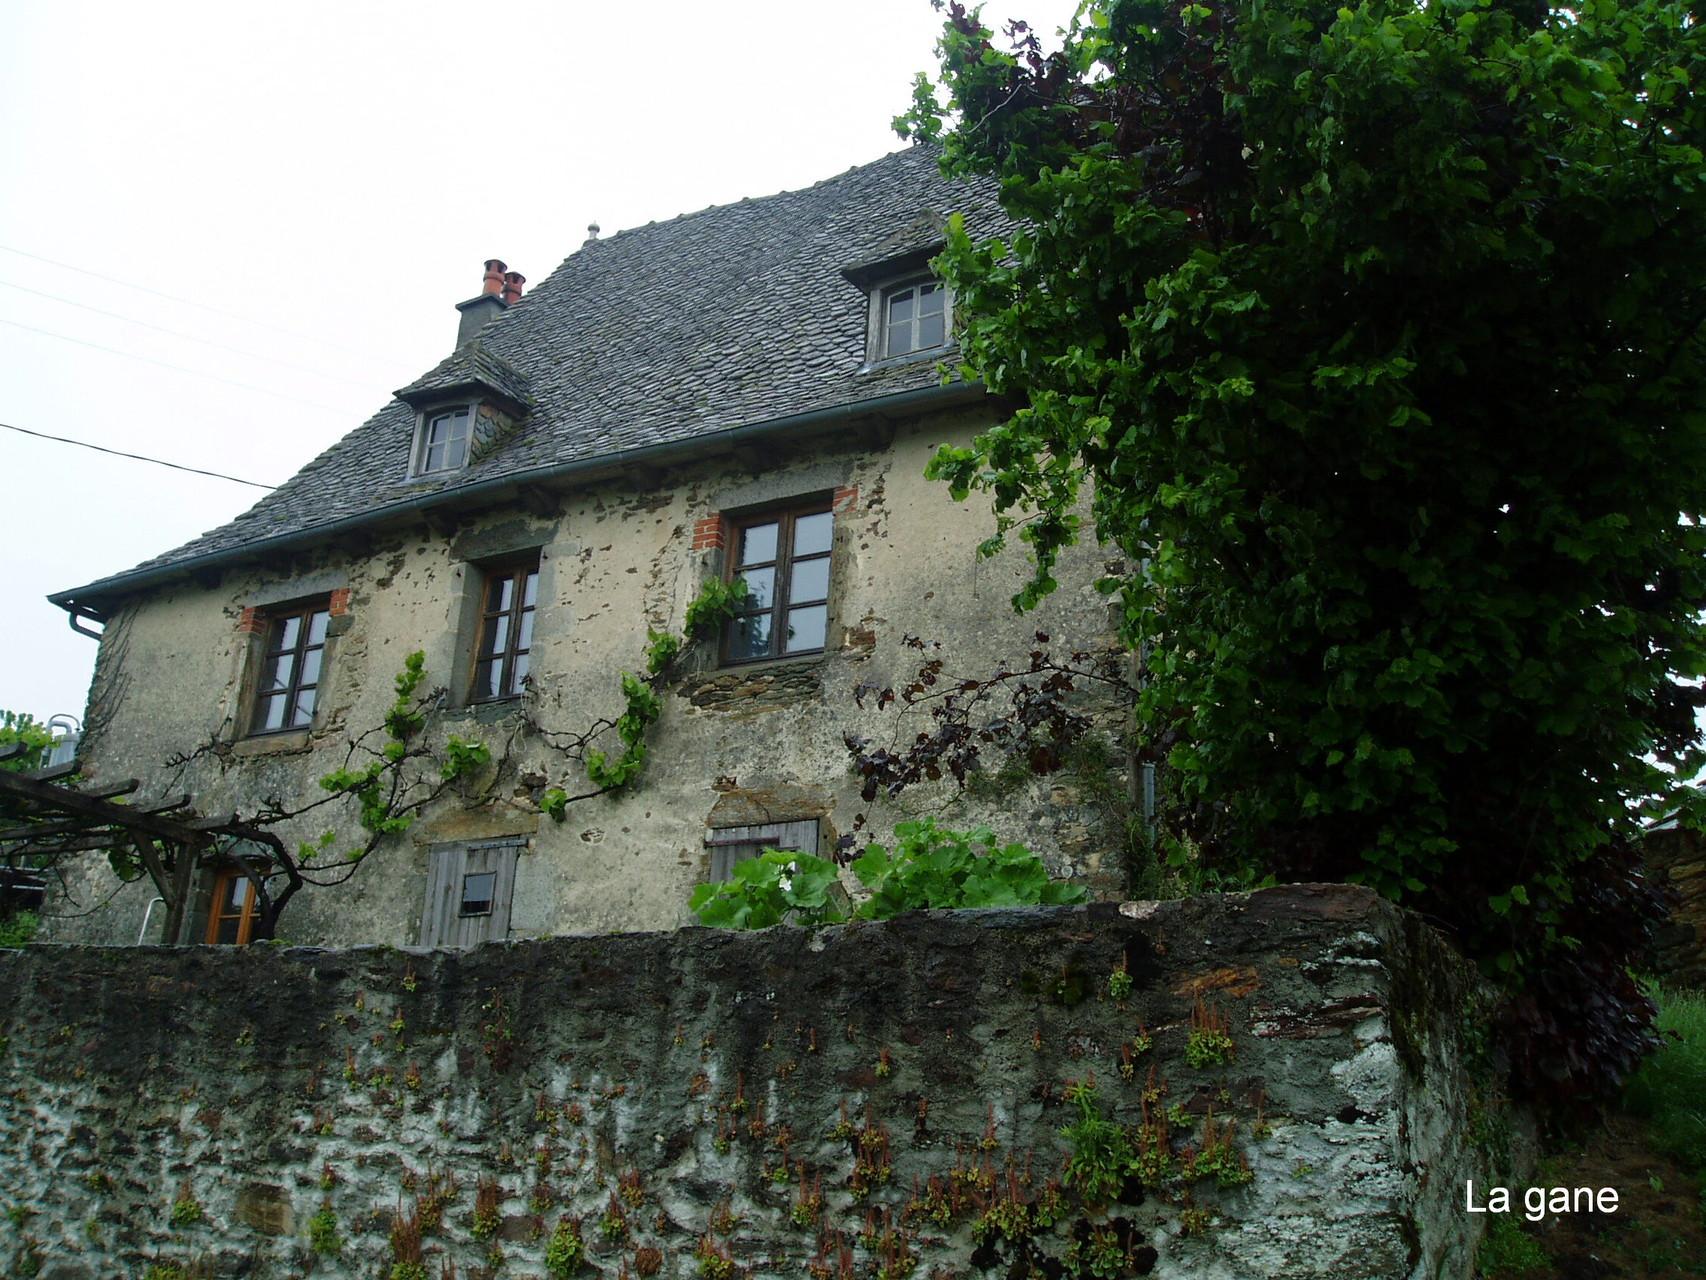 Maison d'école de La Gane (Cassaniouze)